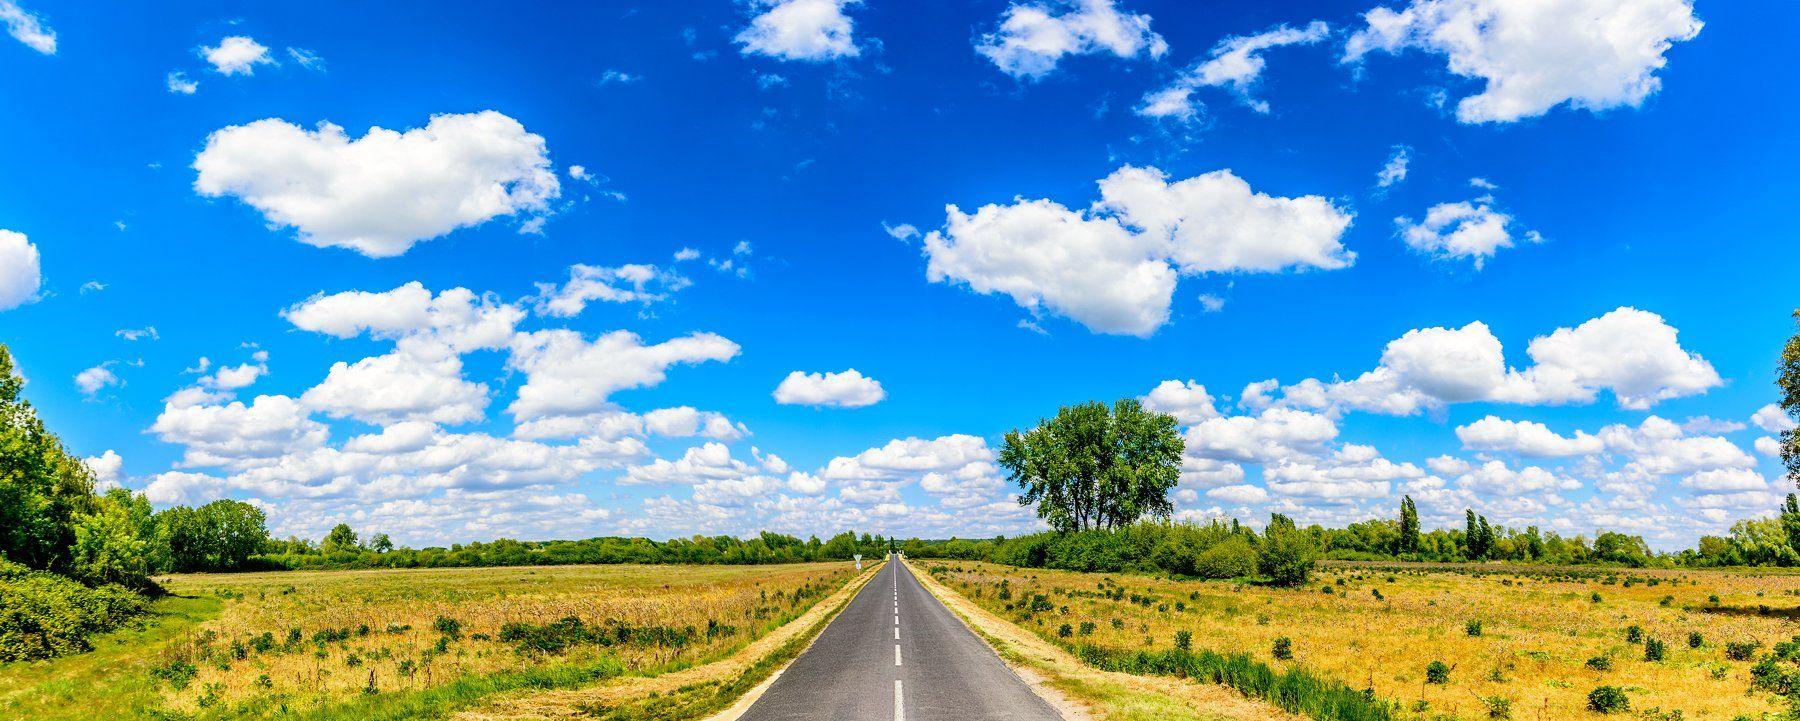 дорога, лето, небо, облака, путешествия, Виктор